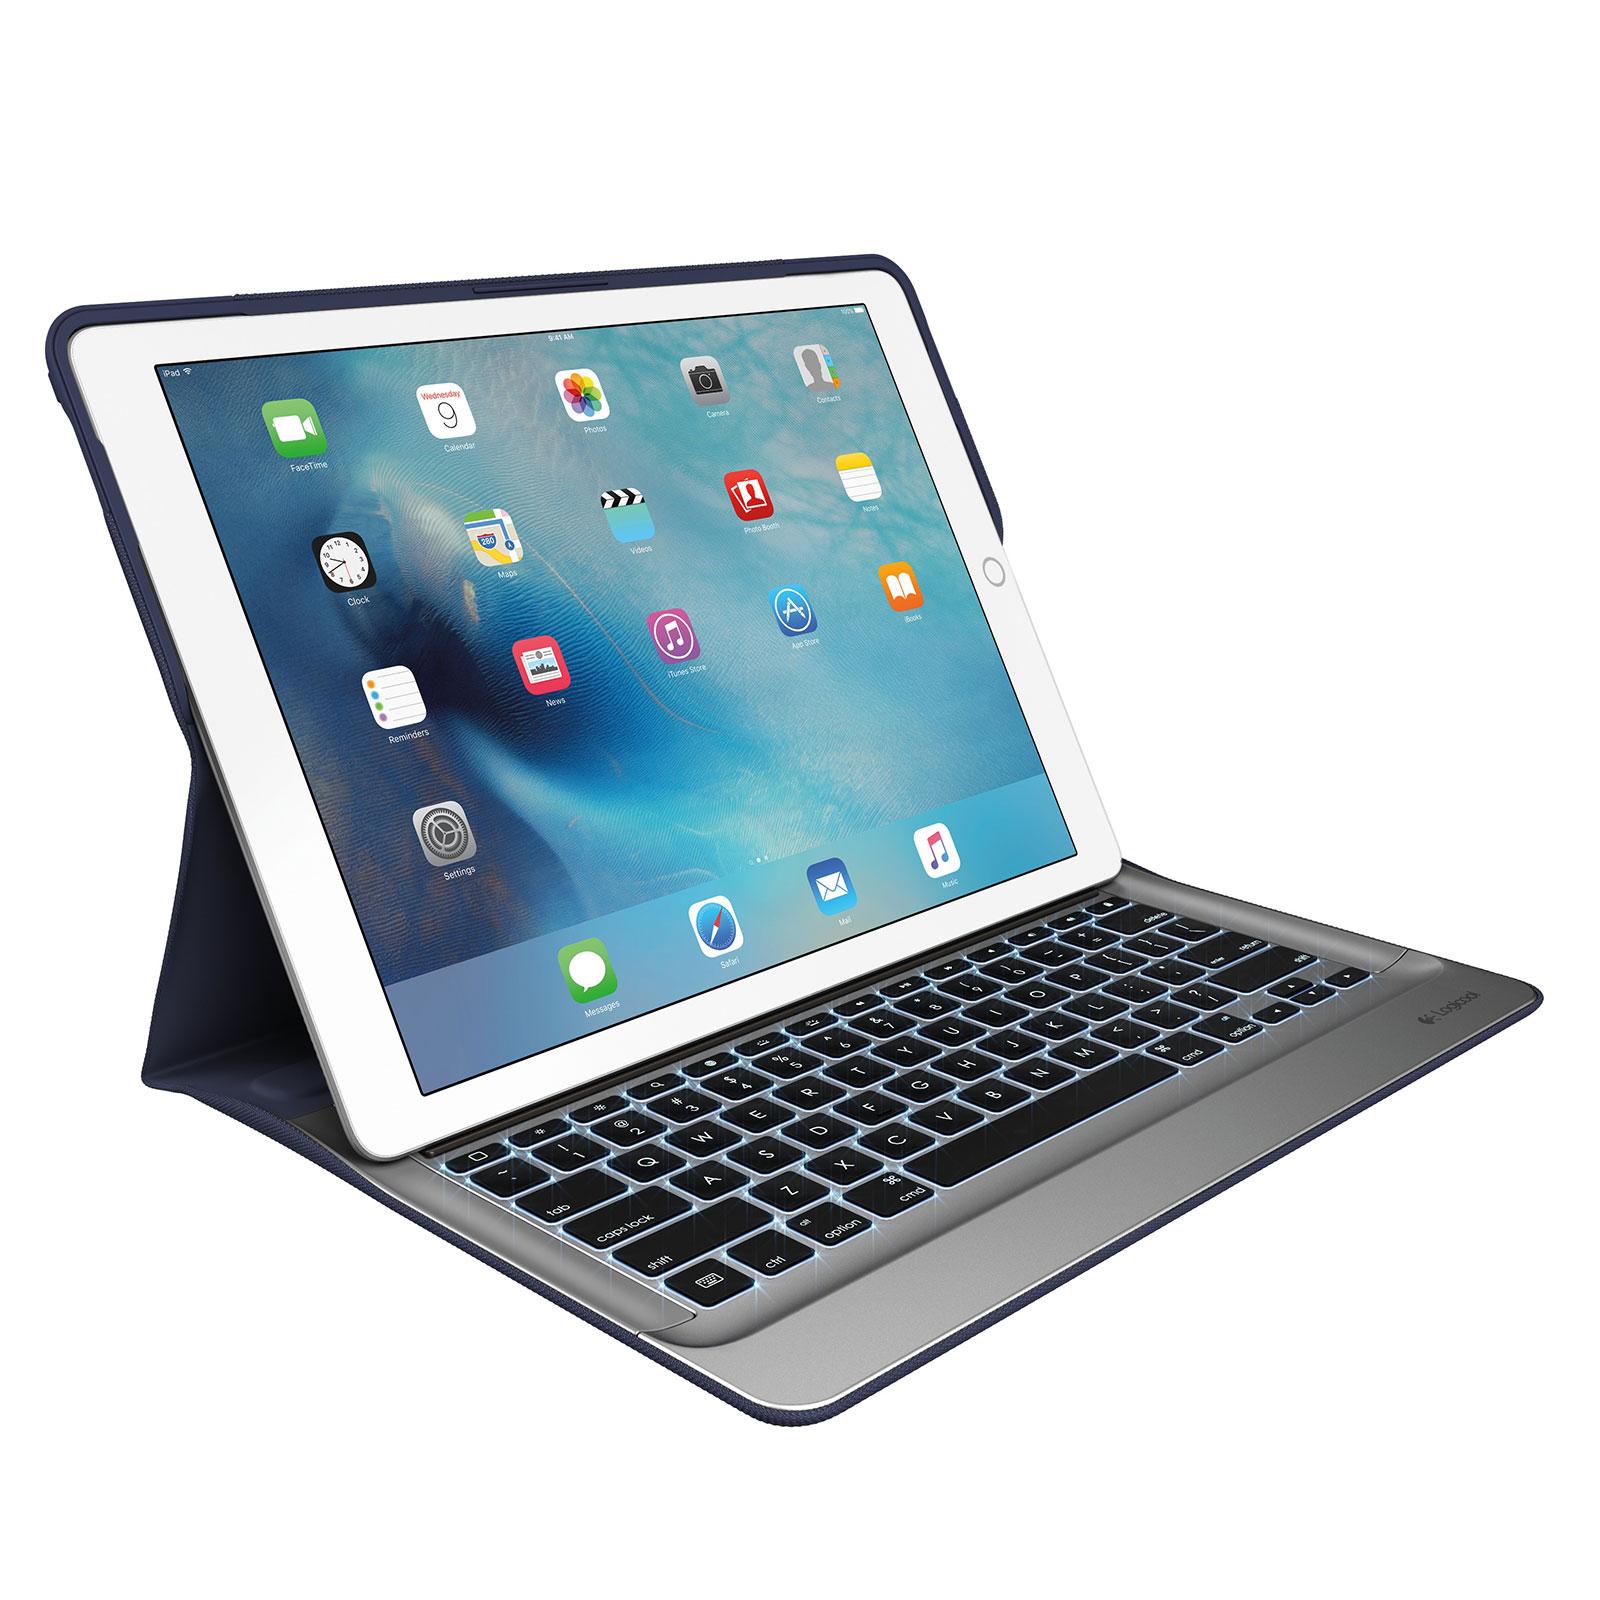 clavier ipad pro 12.9 azerty